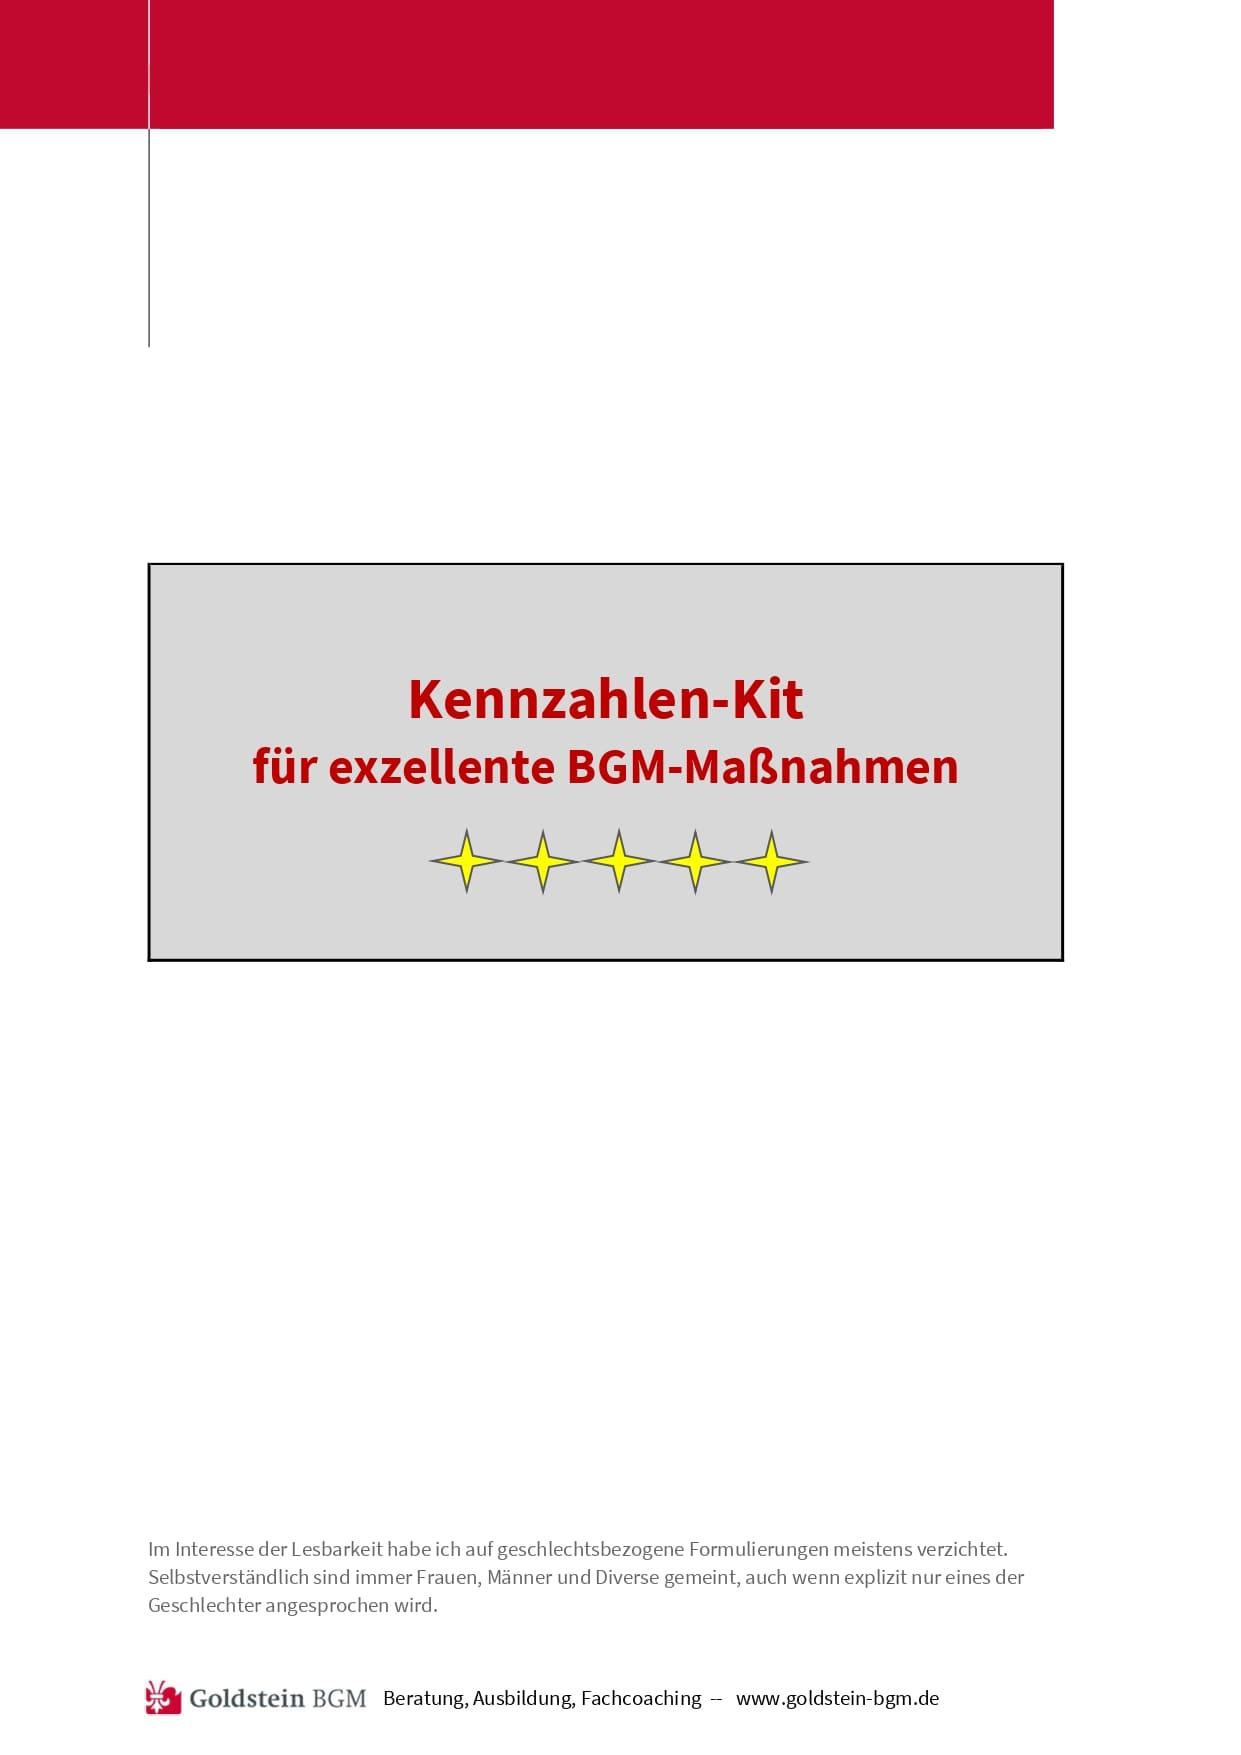 Kennzahlen-Kit_vorschau